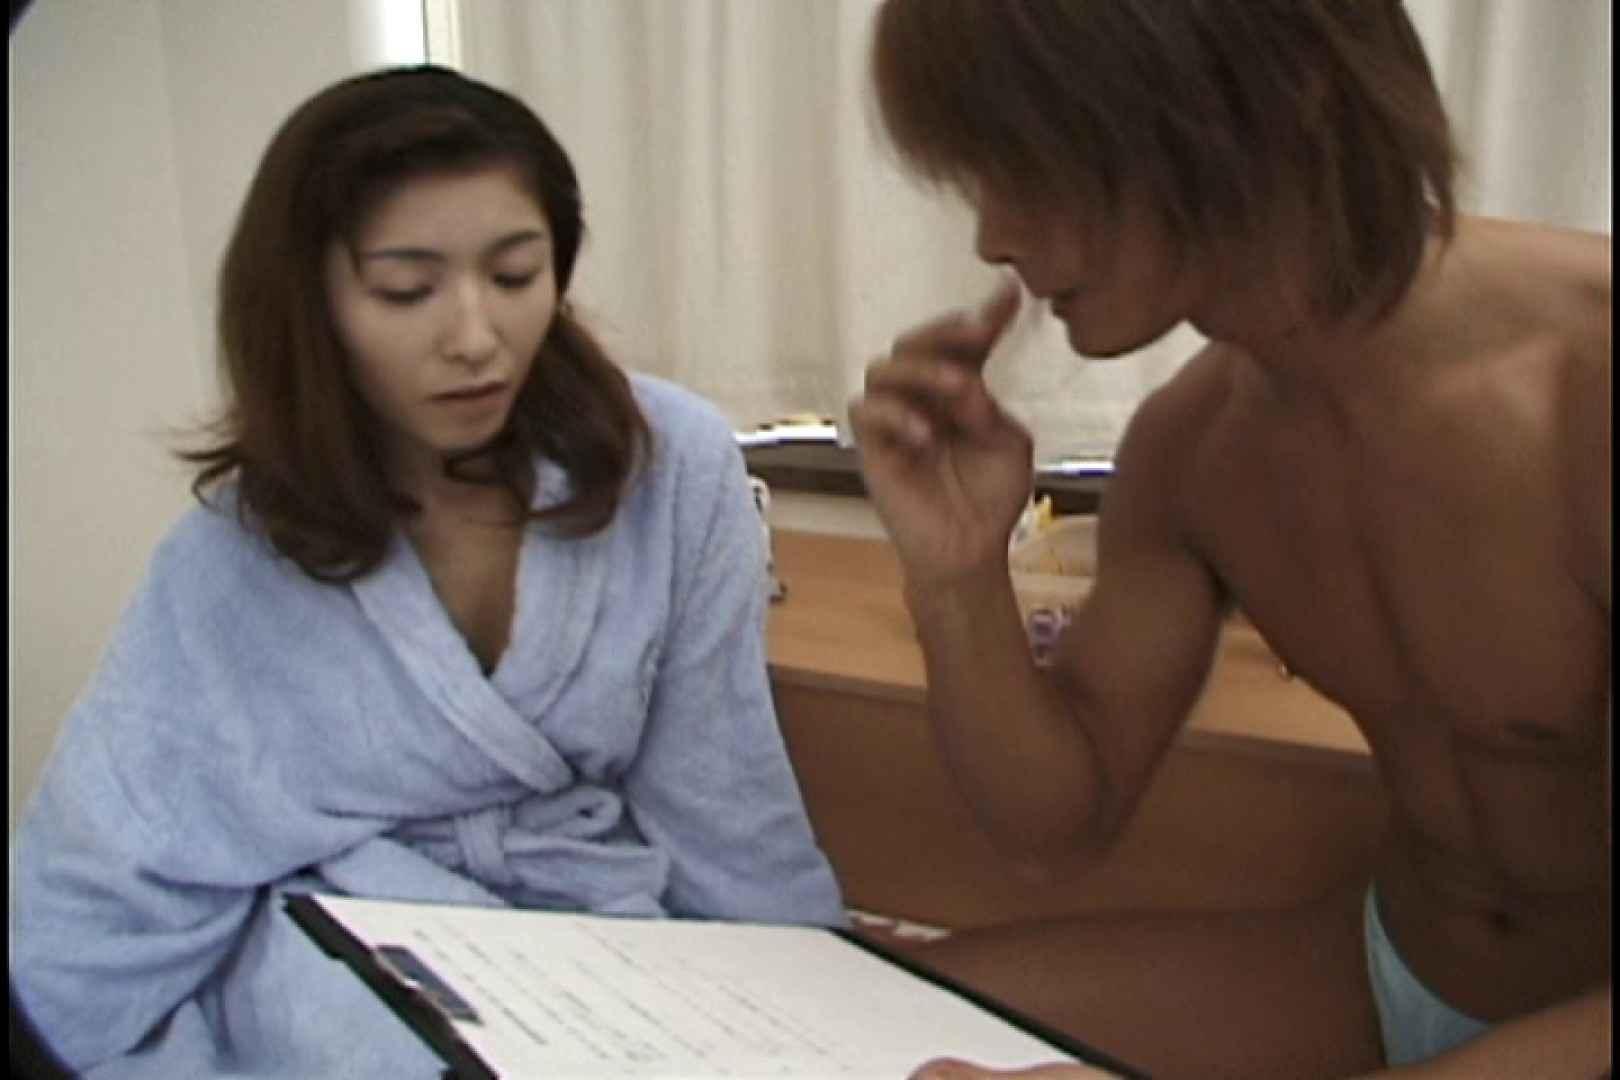 昼間の奥様は欲求不満 ~安田弘美~ SEXプレイ  73連発 27